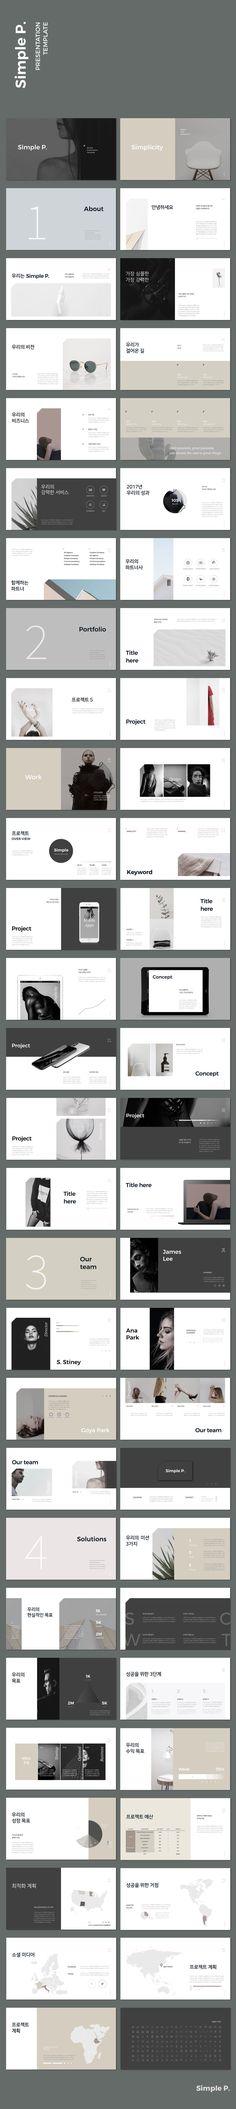 회사소개 포트폴리오 / 심플 & 미니멀 레이아웃 템플릿 Simple & Minimal Presentation Template #presentation #ppt #template #portfolio #marketing